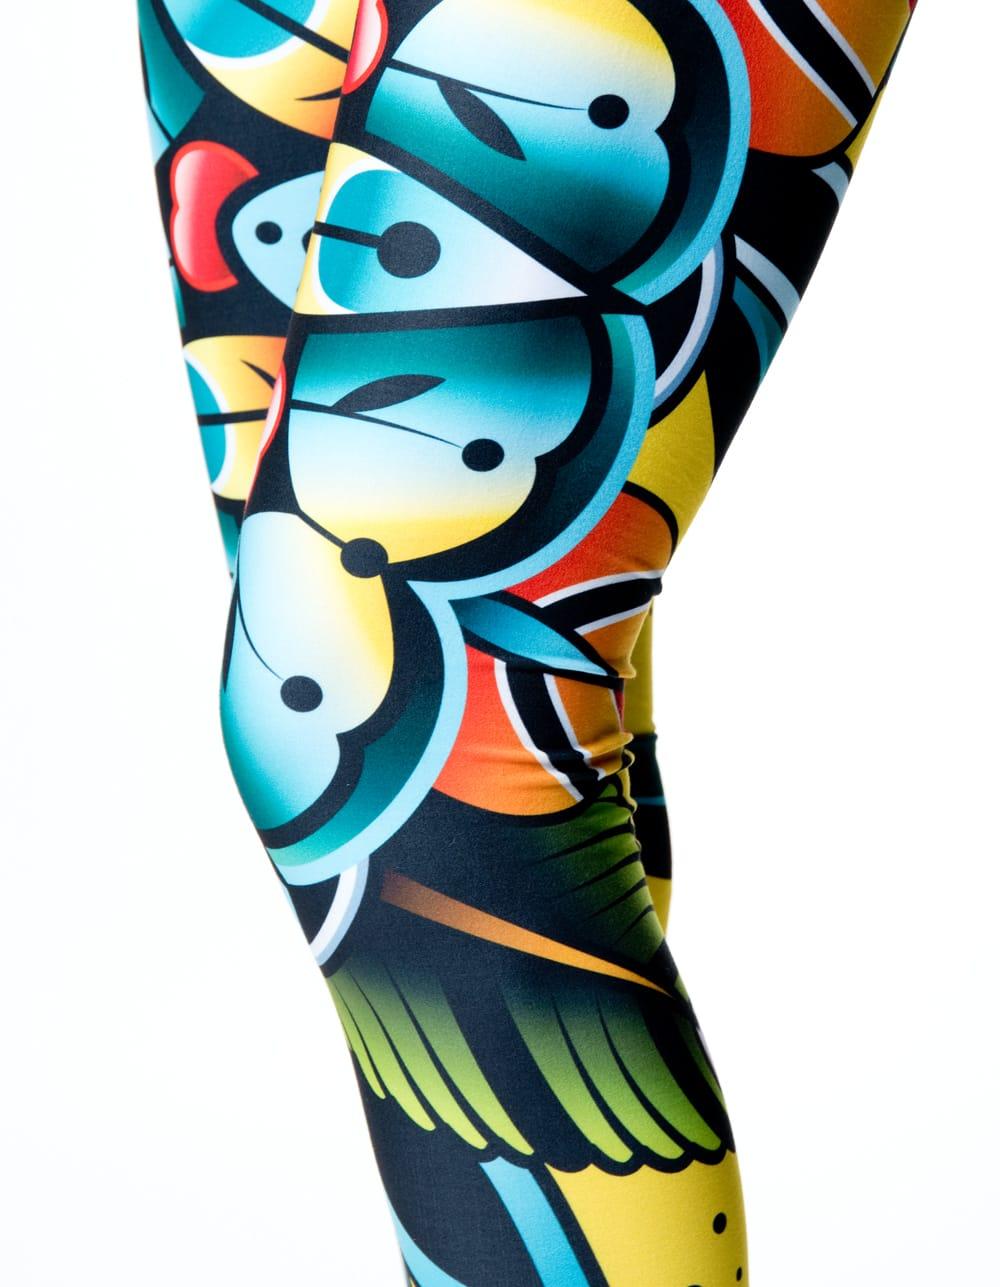 フルグラフィック美脚ヨガレギンス サイケデリック&パーティー系 - サイケデリックフラワー 6 - 肌触りの良い生地が使われています